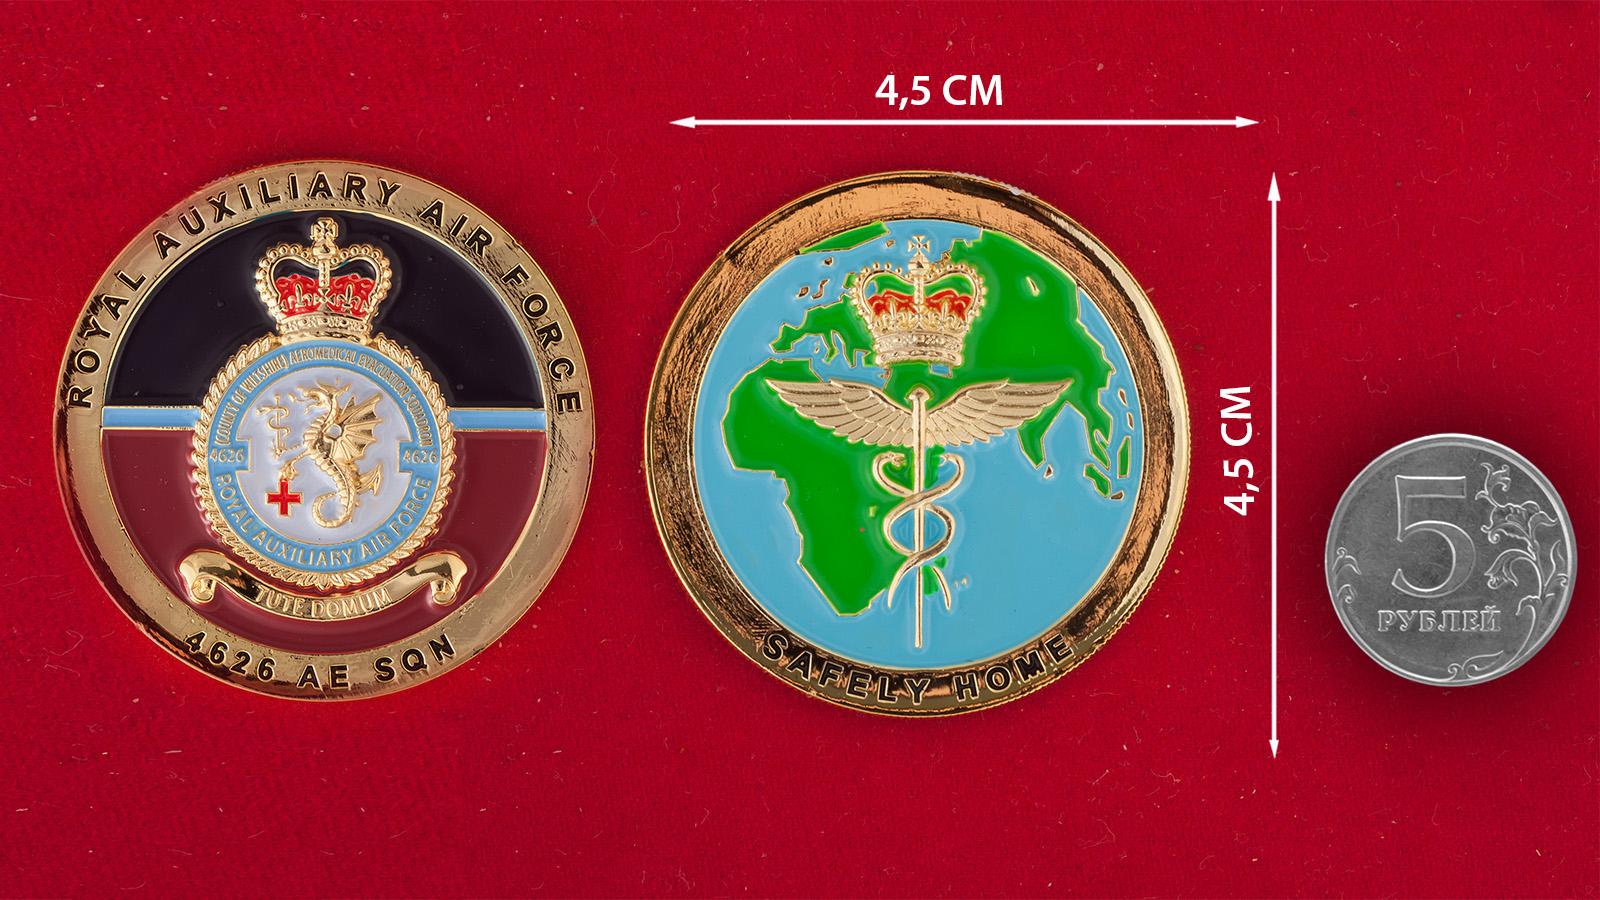 Челлендж коин 4626-й вспомогательной эскадрильи Королевских ВВС Великобритании - сравнительный размер